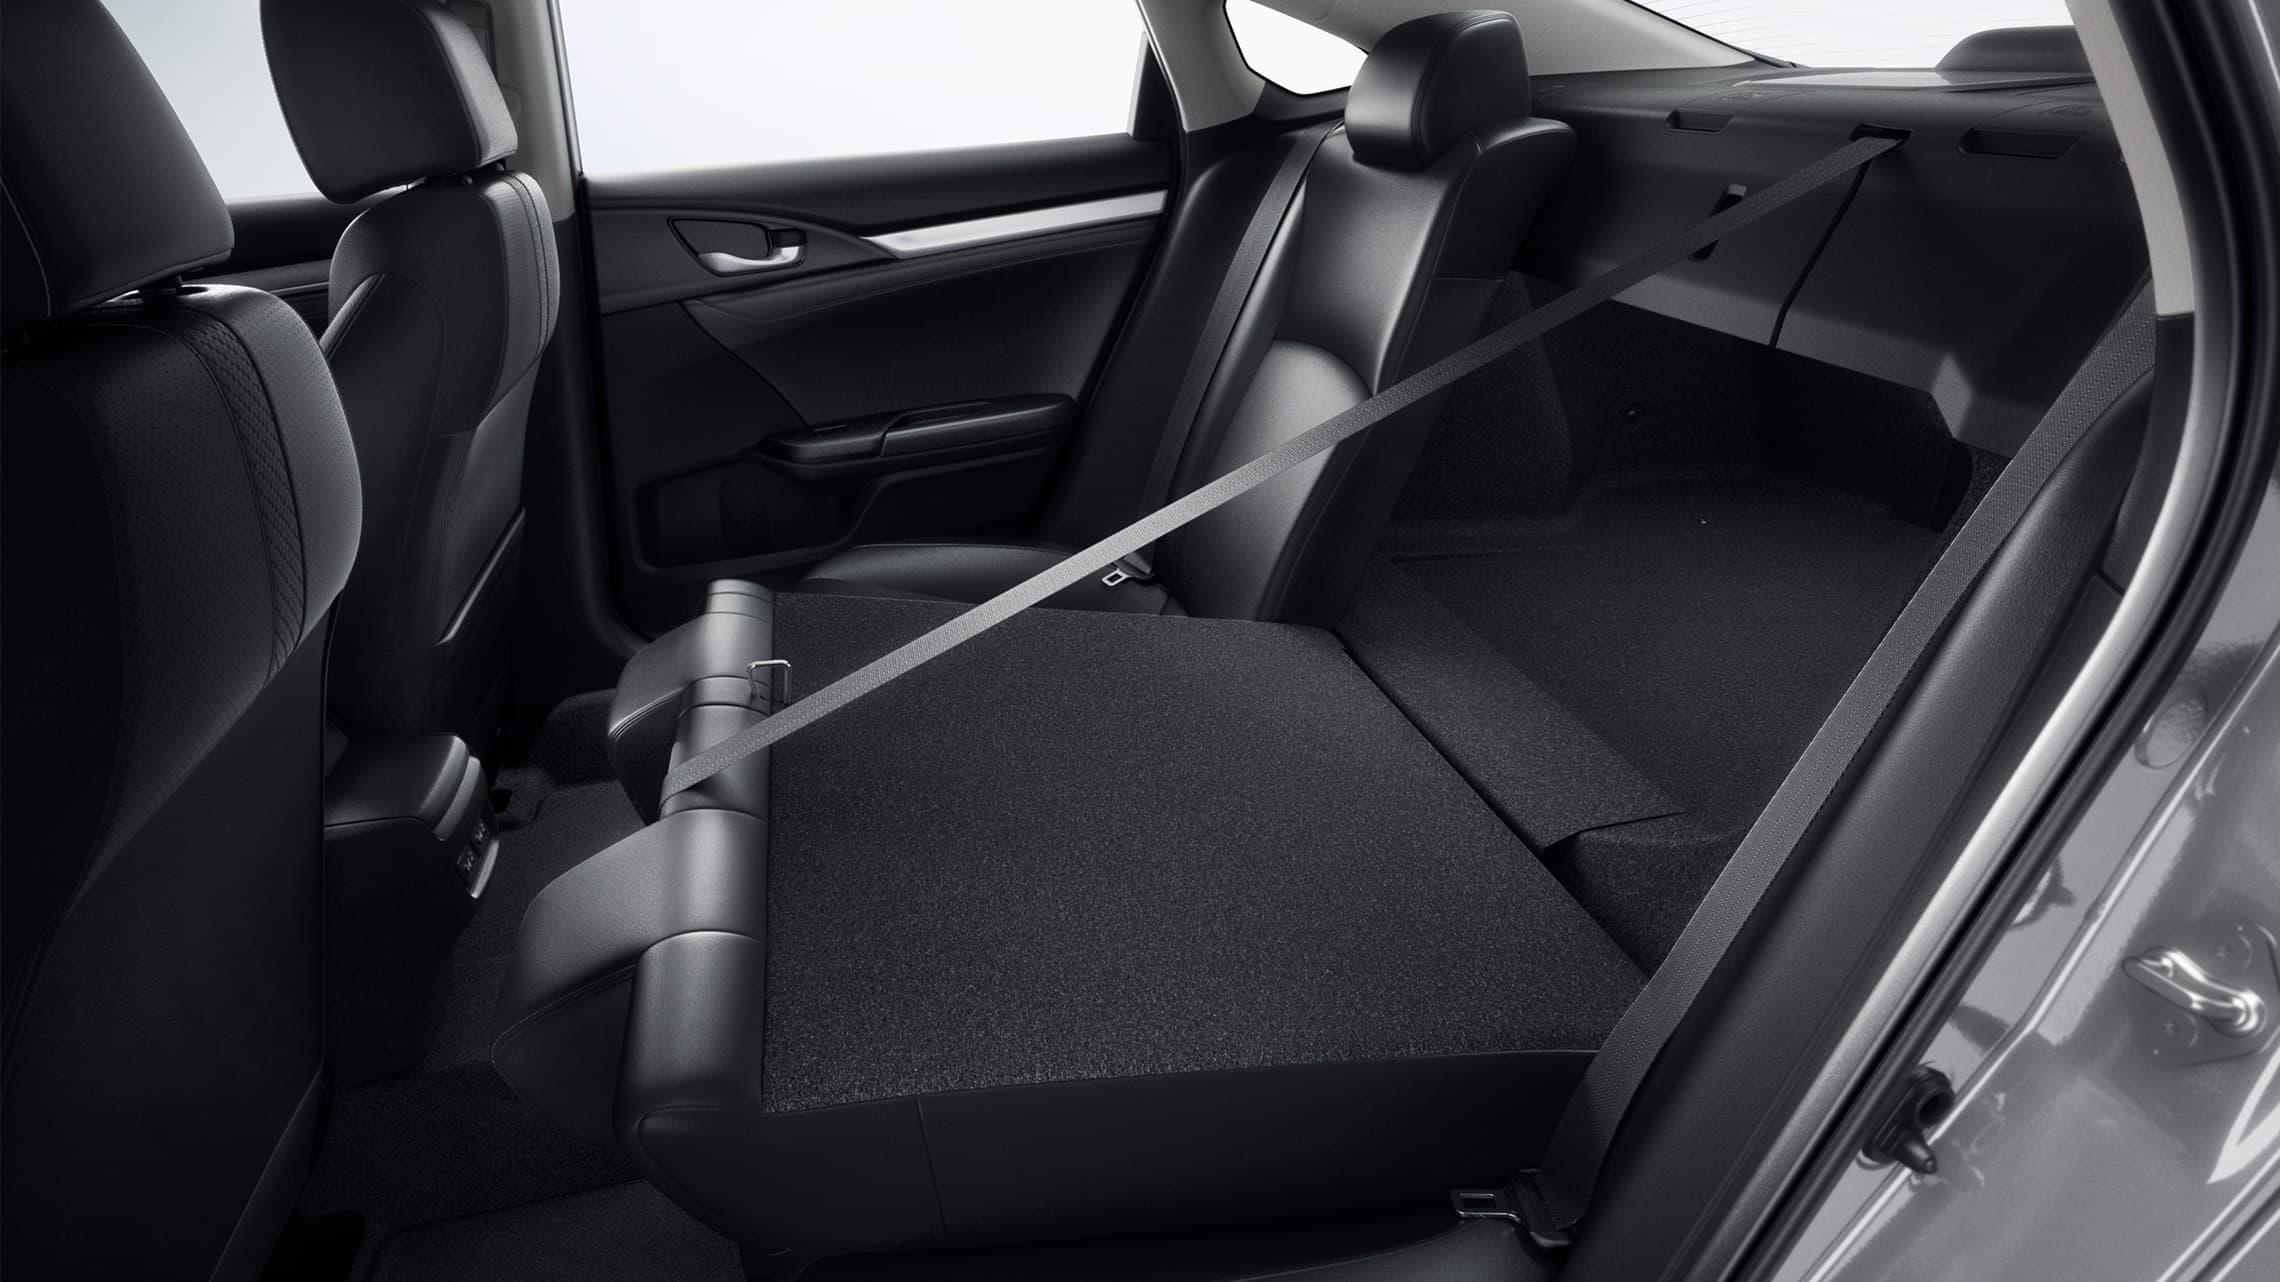 Vista interior de los asientos traseros con respaldo abatible 60/40 en el Honda Civic Touring Sedán2020 con Black Leather.